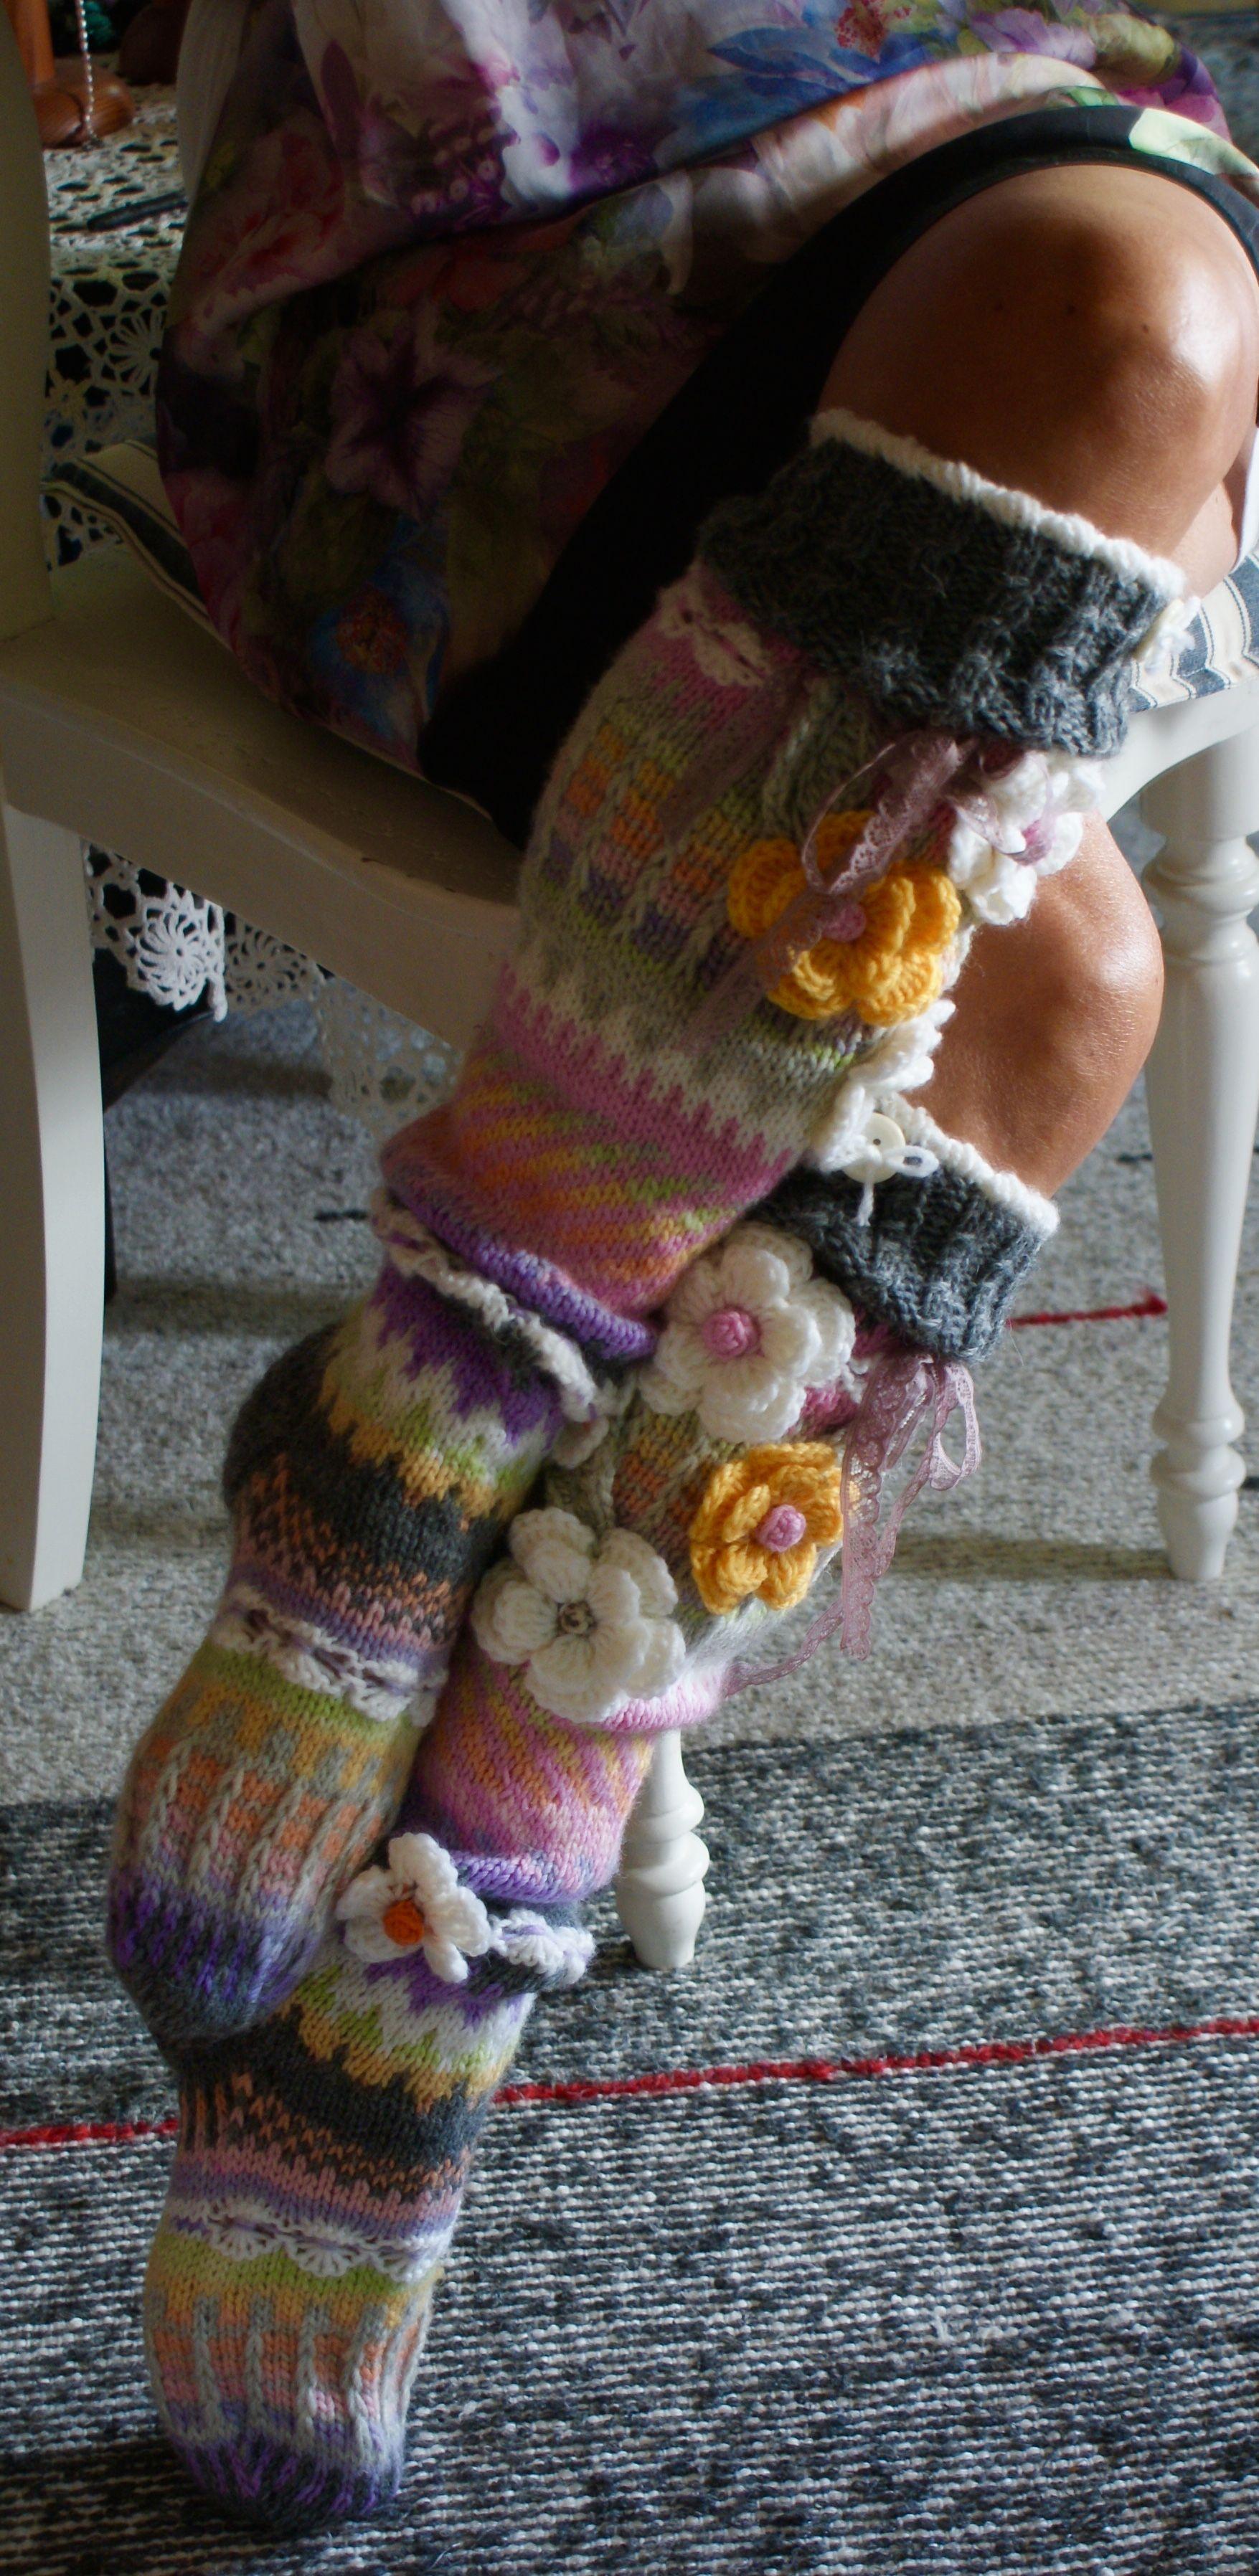 Pin de Miss DarkAngel en 0 Threads and Yarn | Pinterest | Tejido ...